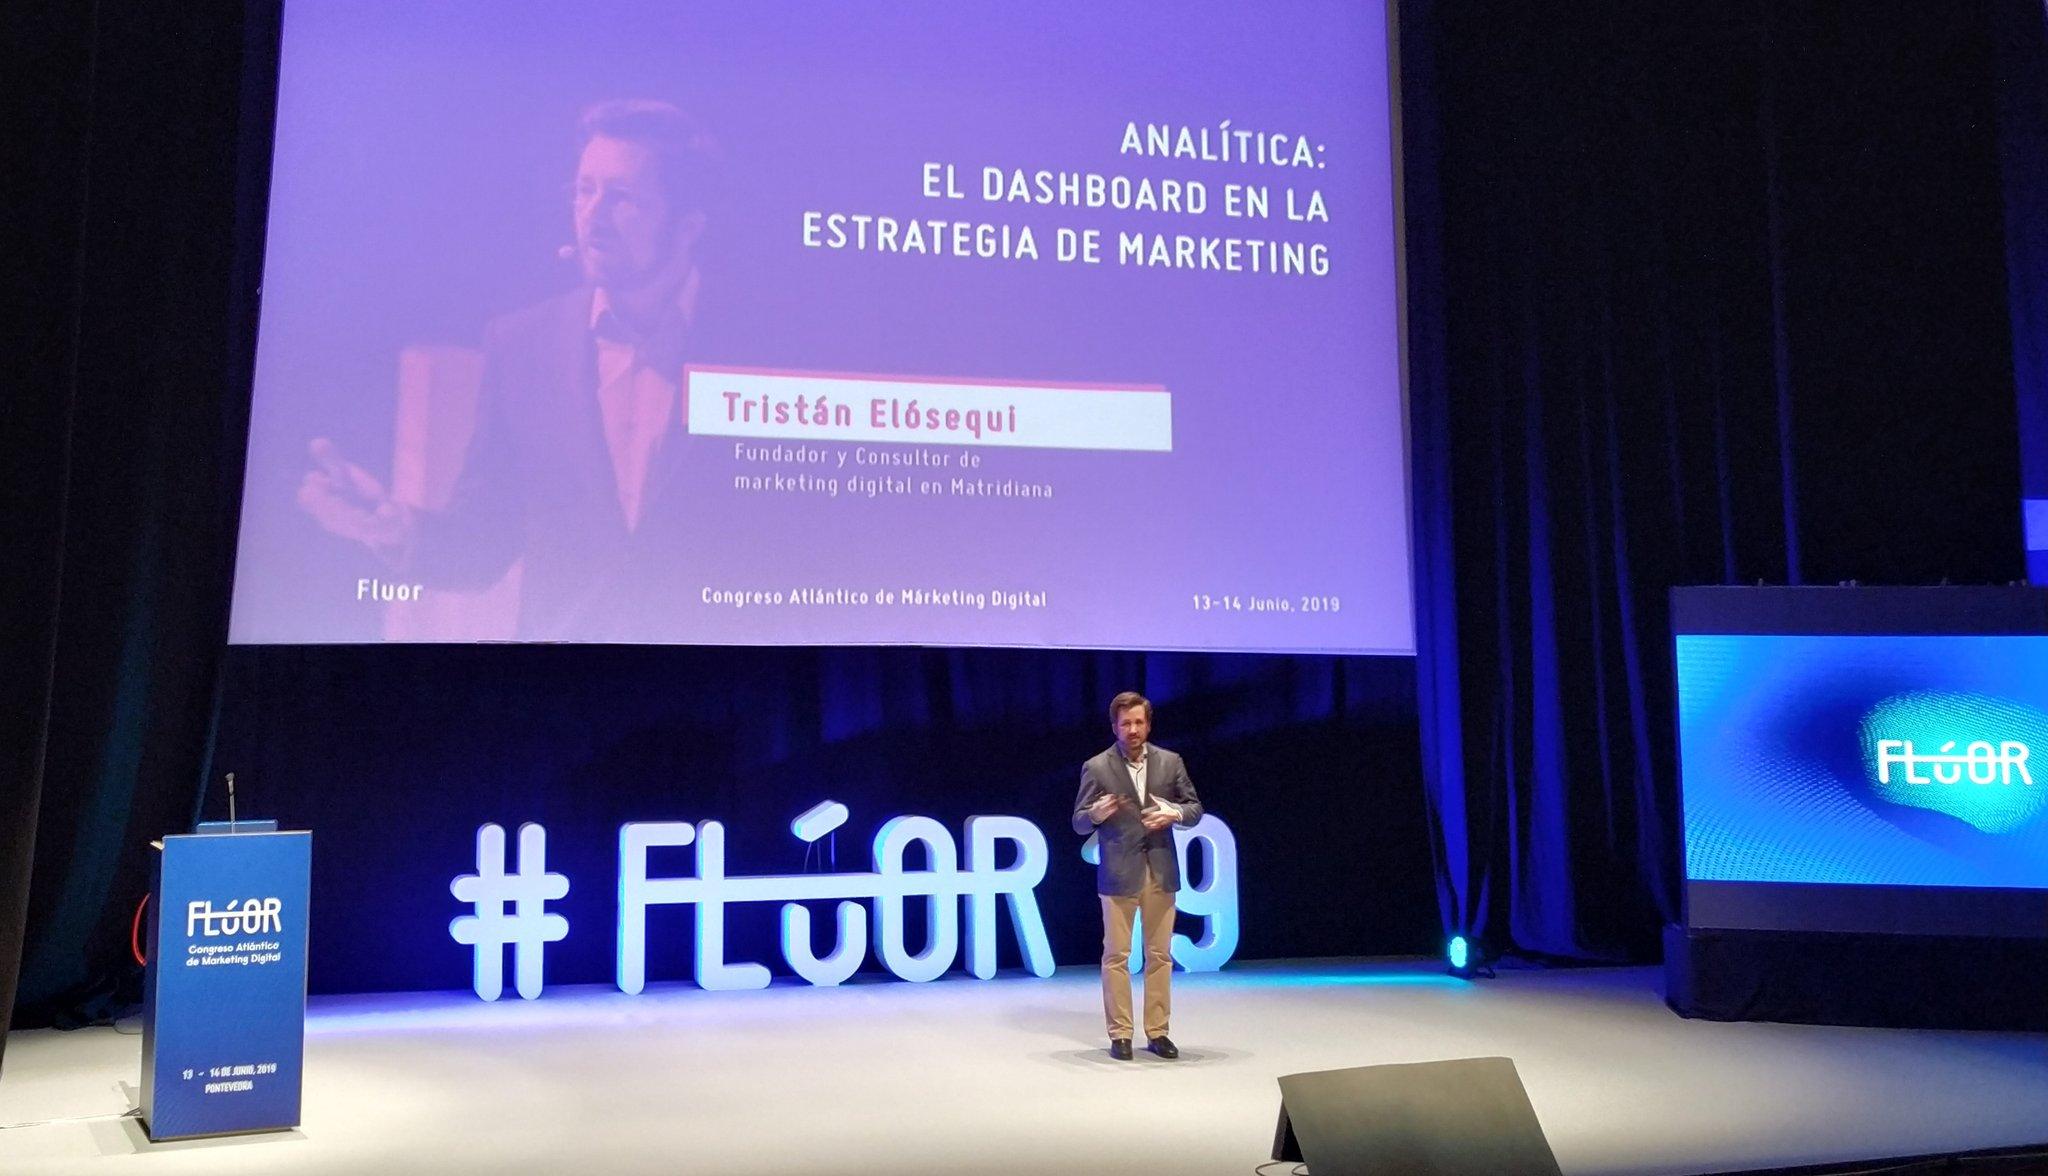 Congreso atlántico marketing digital - Tristán Elósegui